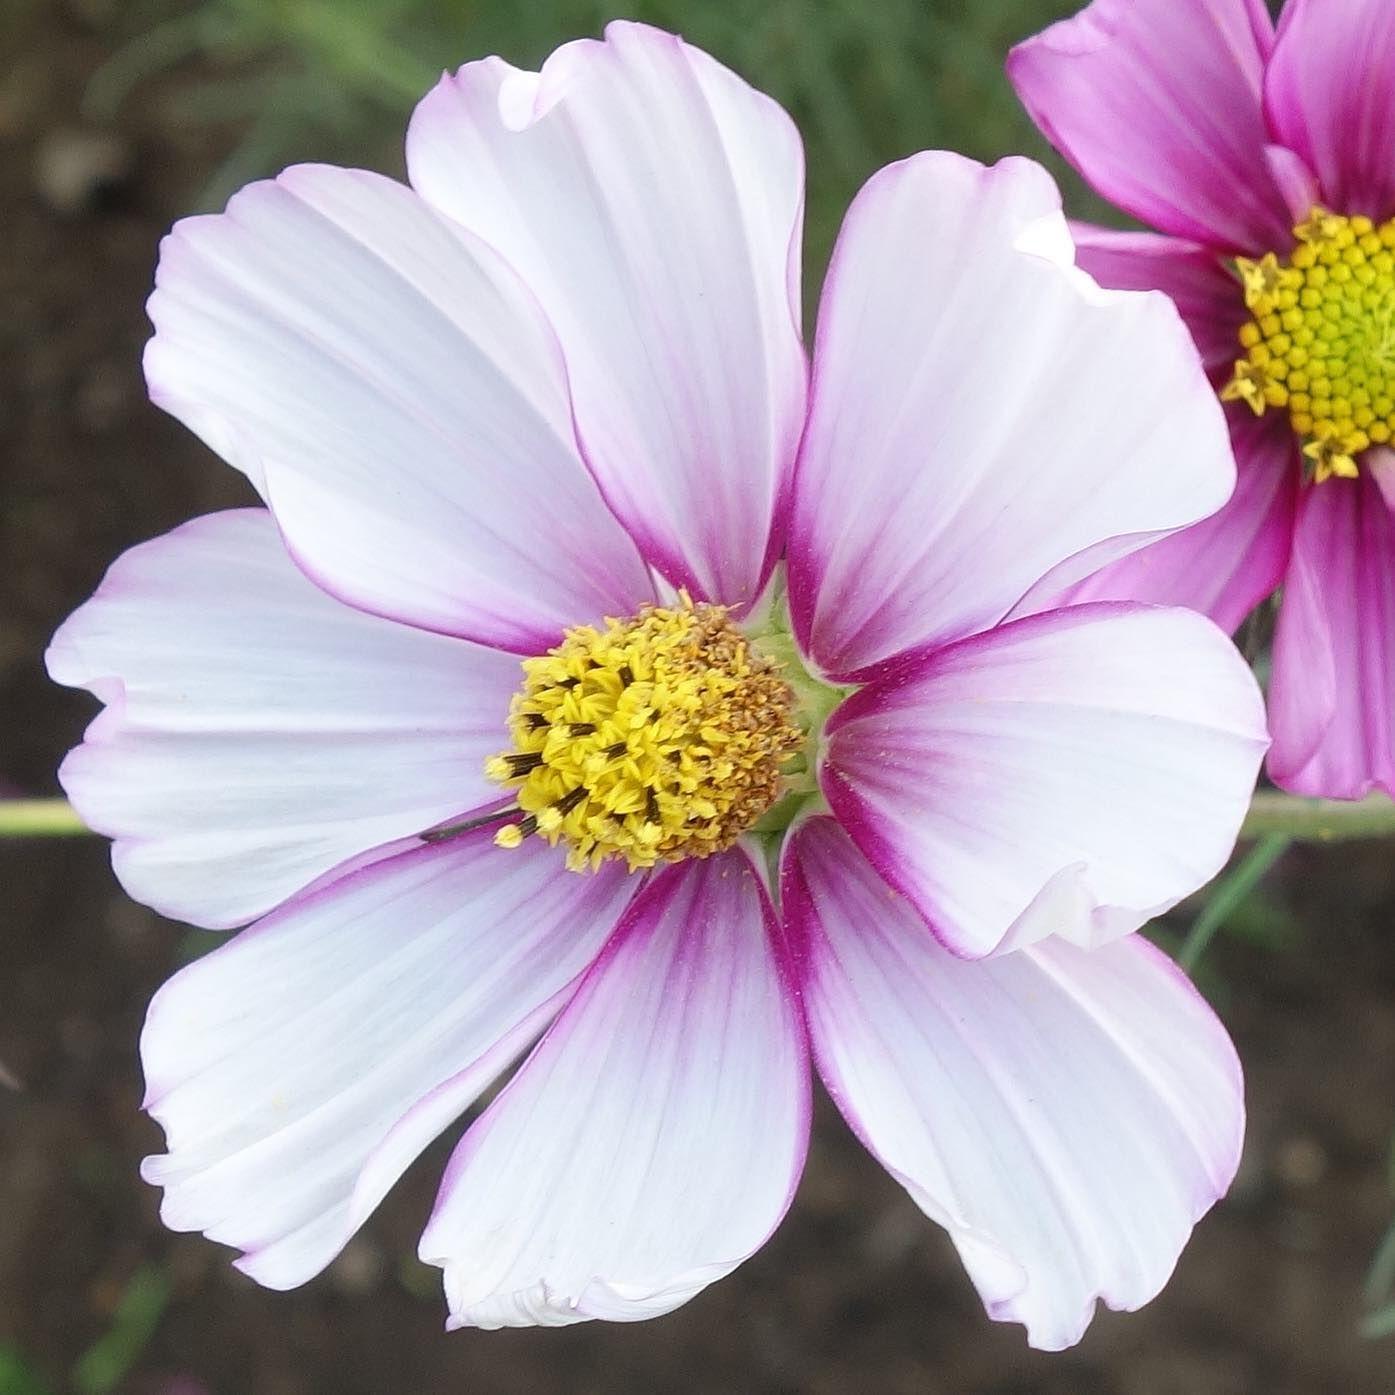 Flores. #flors #flores #flowers #ig_flors #shin_nature #shin_flors #shin_flores #shin_flowers #ig_flores #ig_nature #ig_flowers #naturaleza #nature #flower_igers #natura #nature #flowerstagram #flowersgram